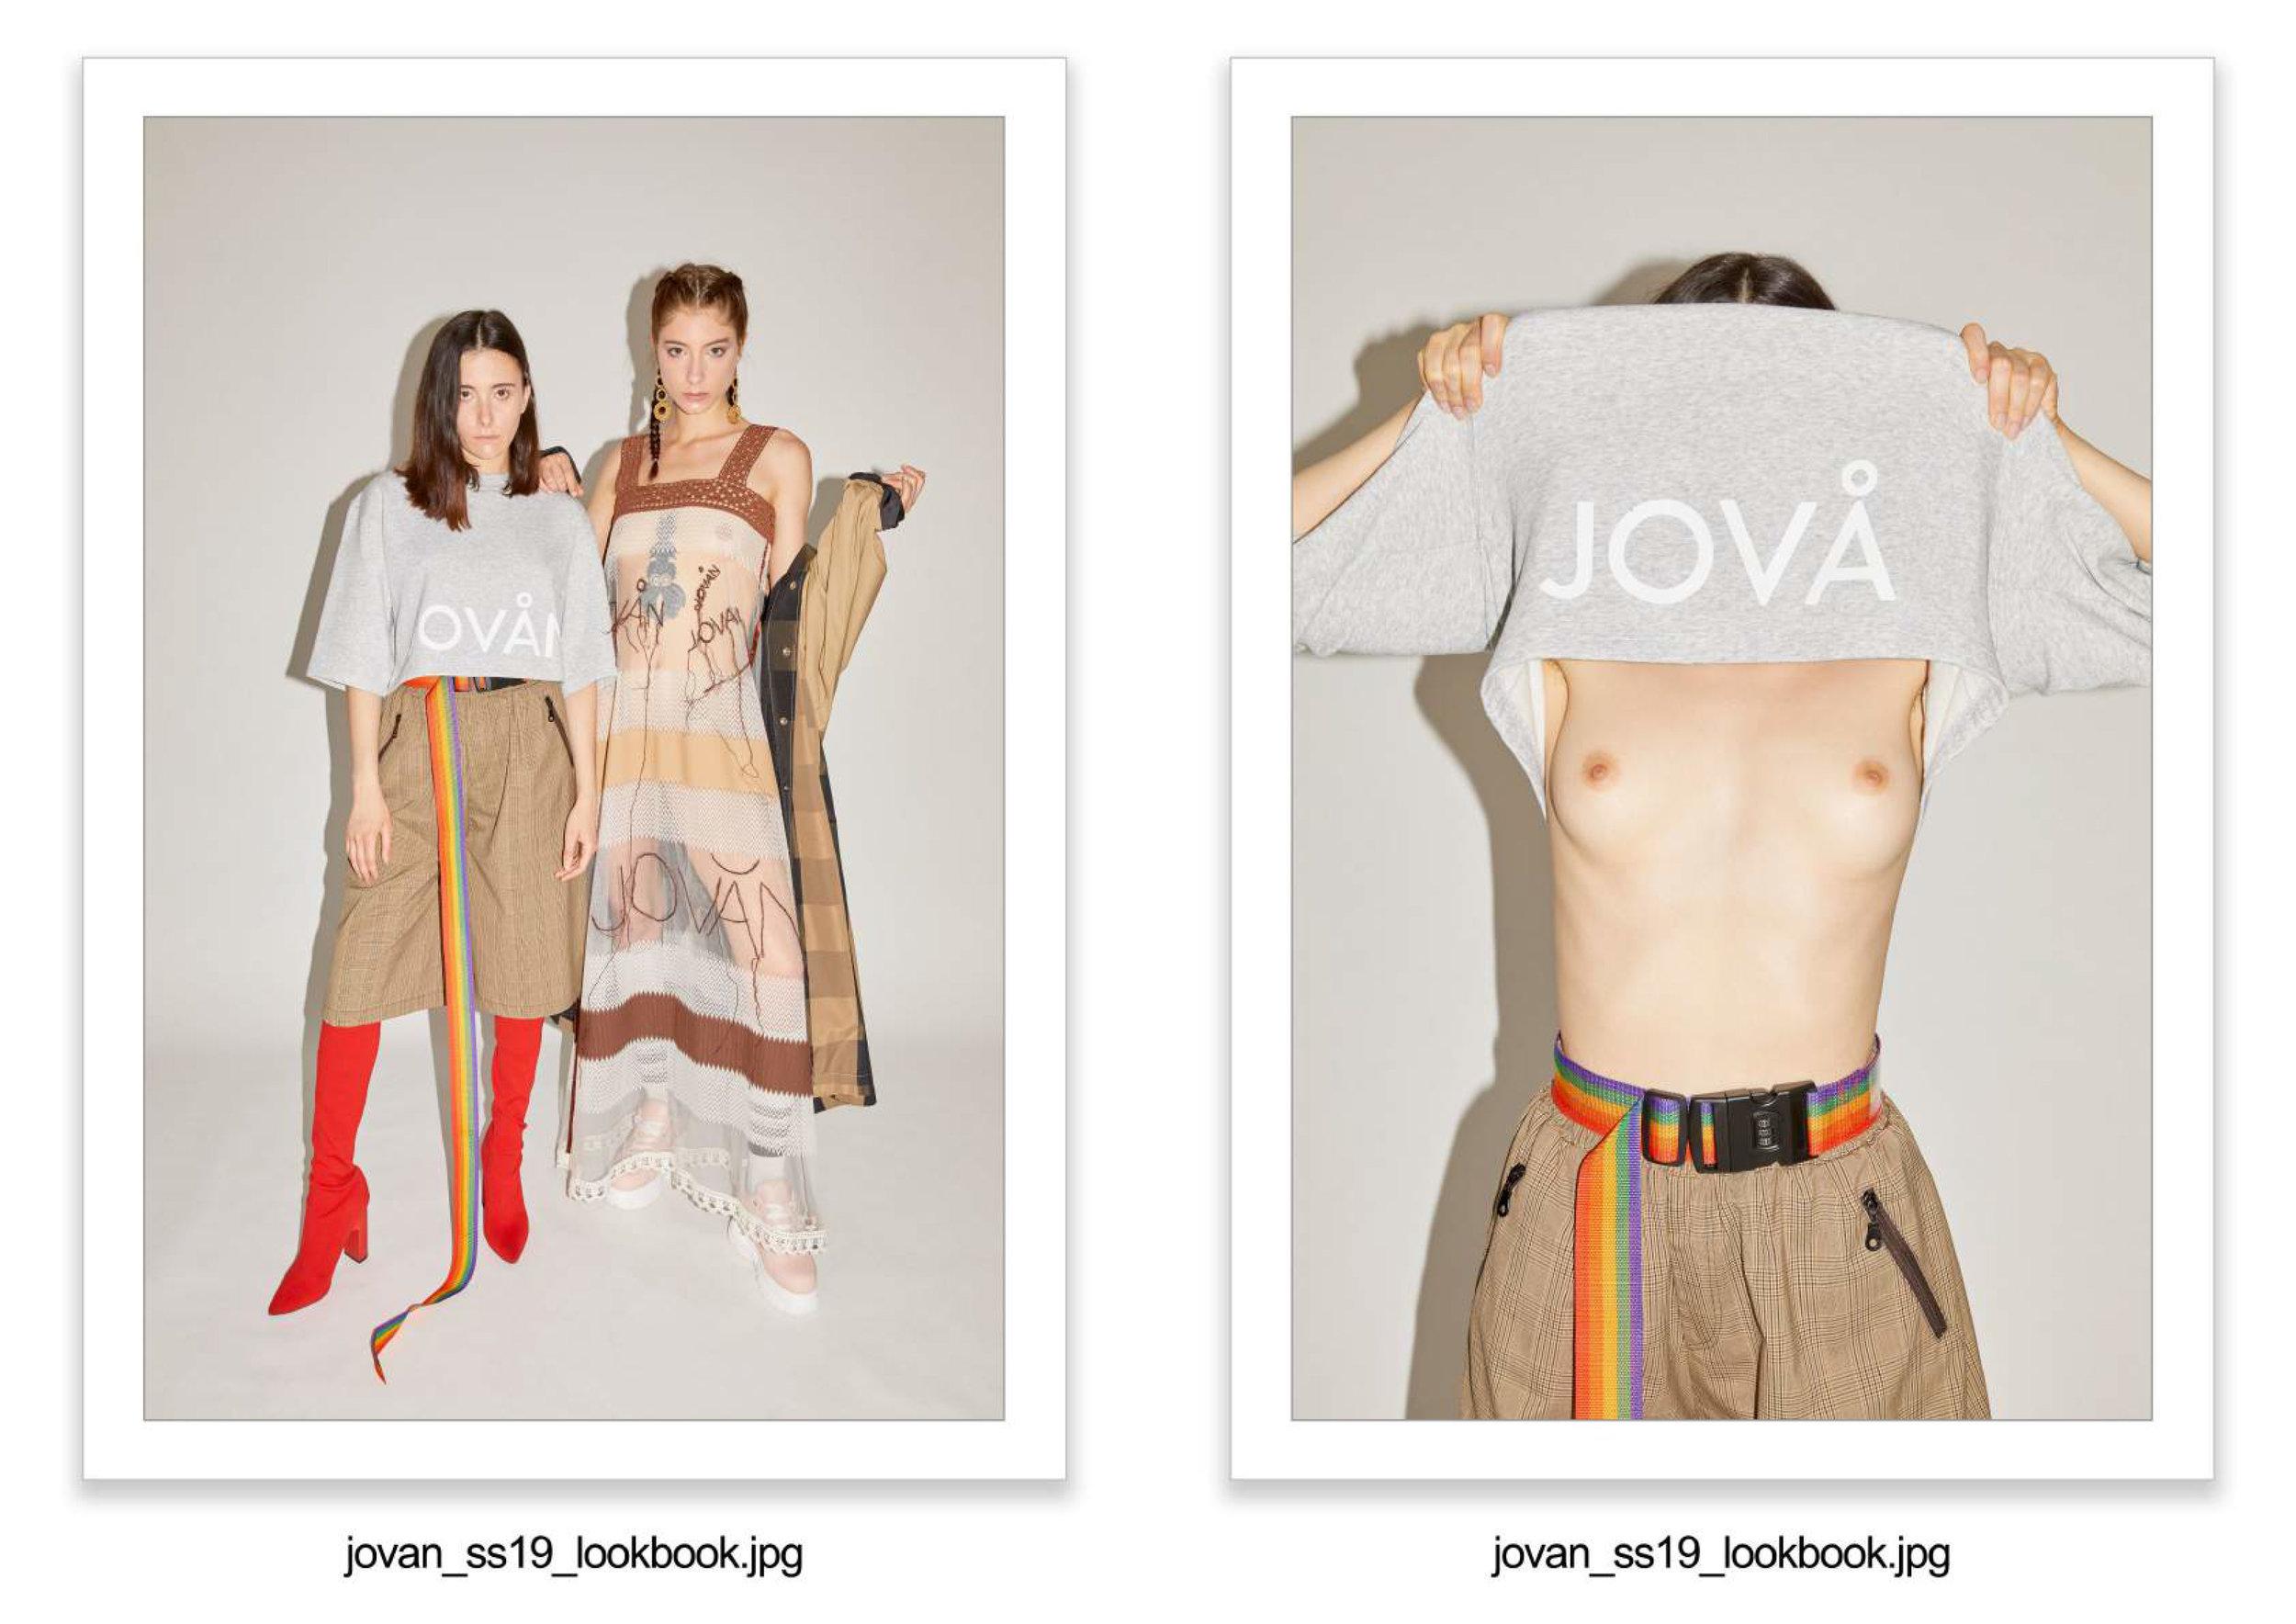 JOVÅN SS19 lookbook-14.jpg